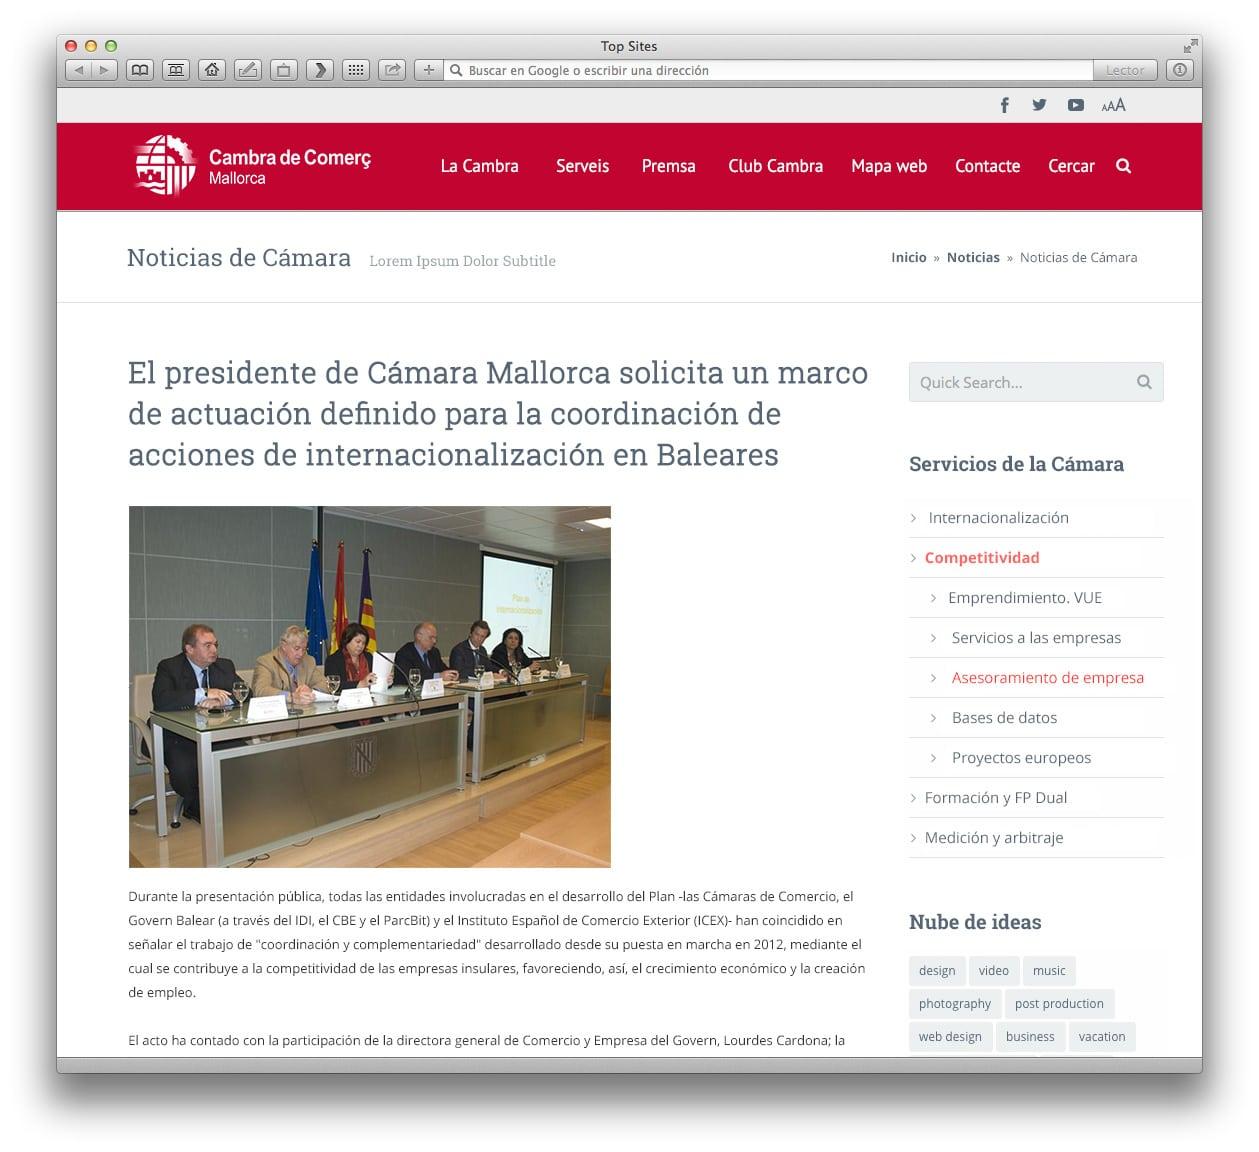 Cámara de Comercio, web (noticia)